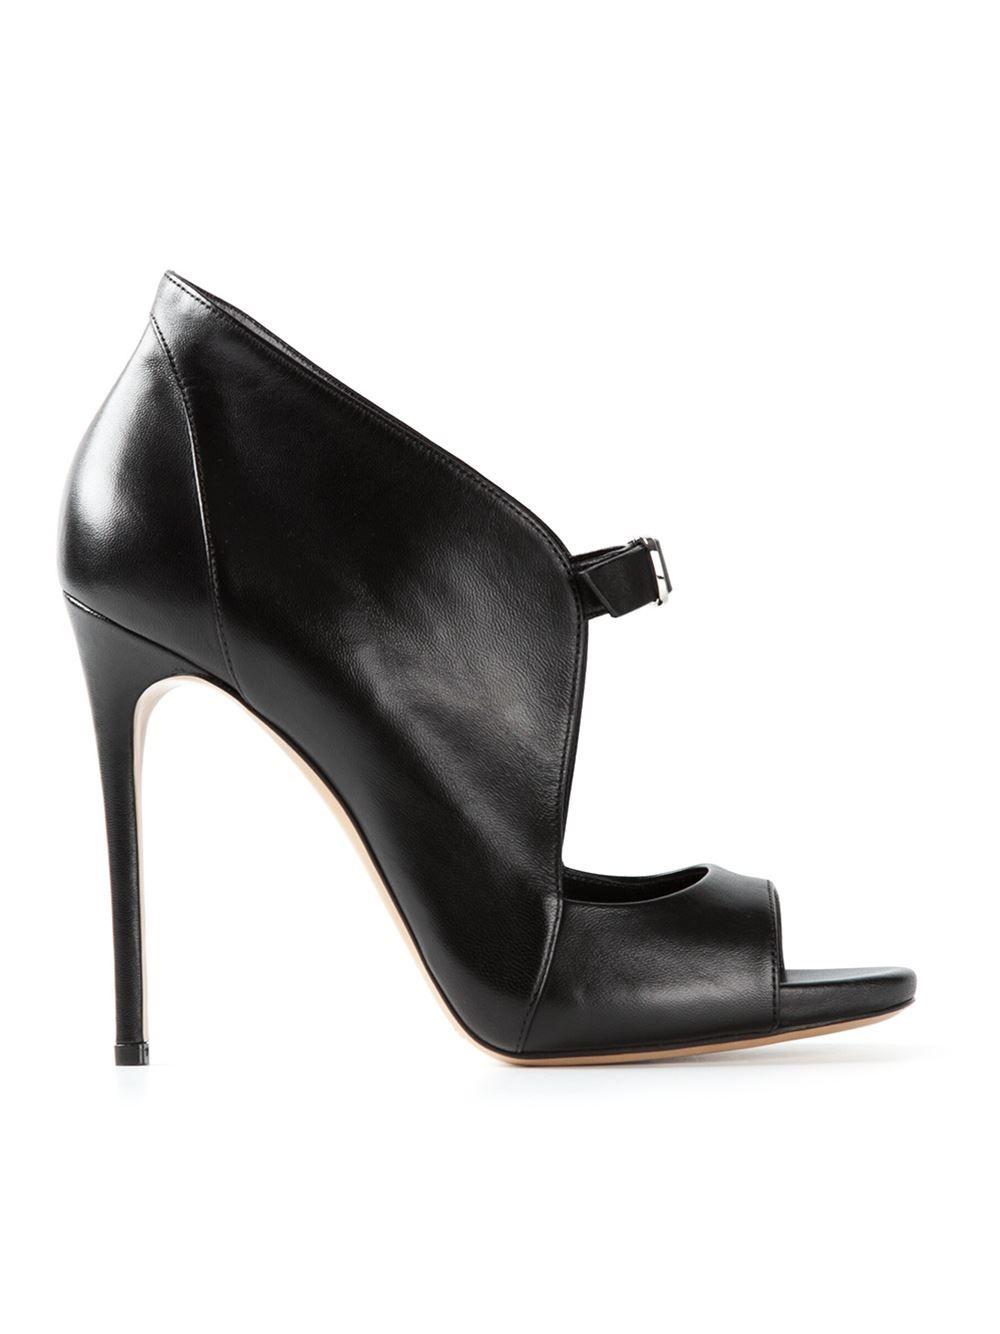 Casadei Stiletto Sandals